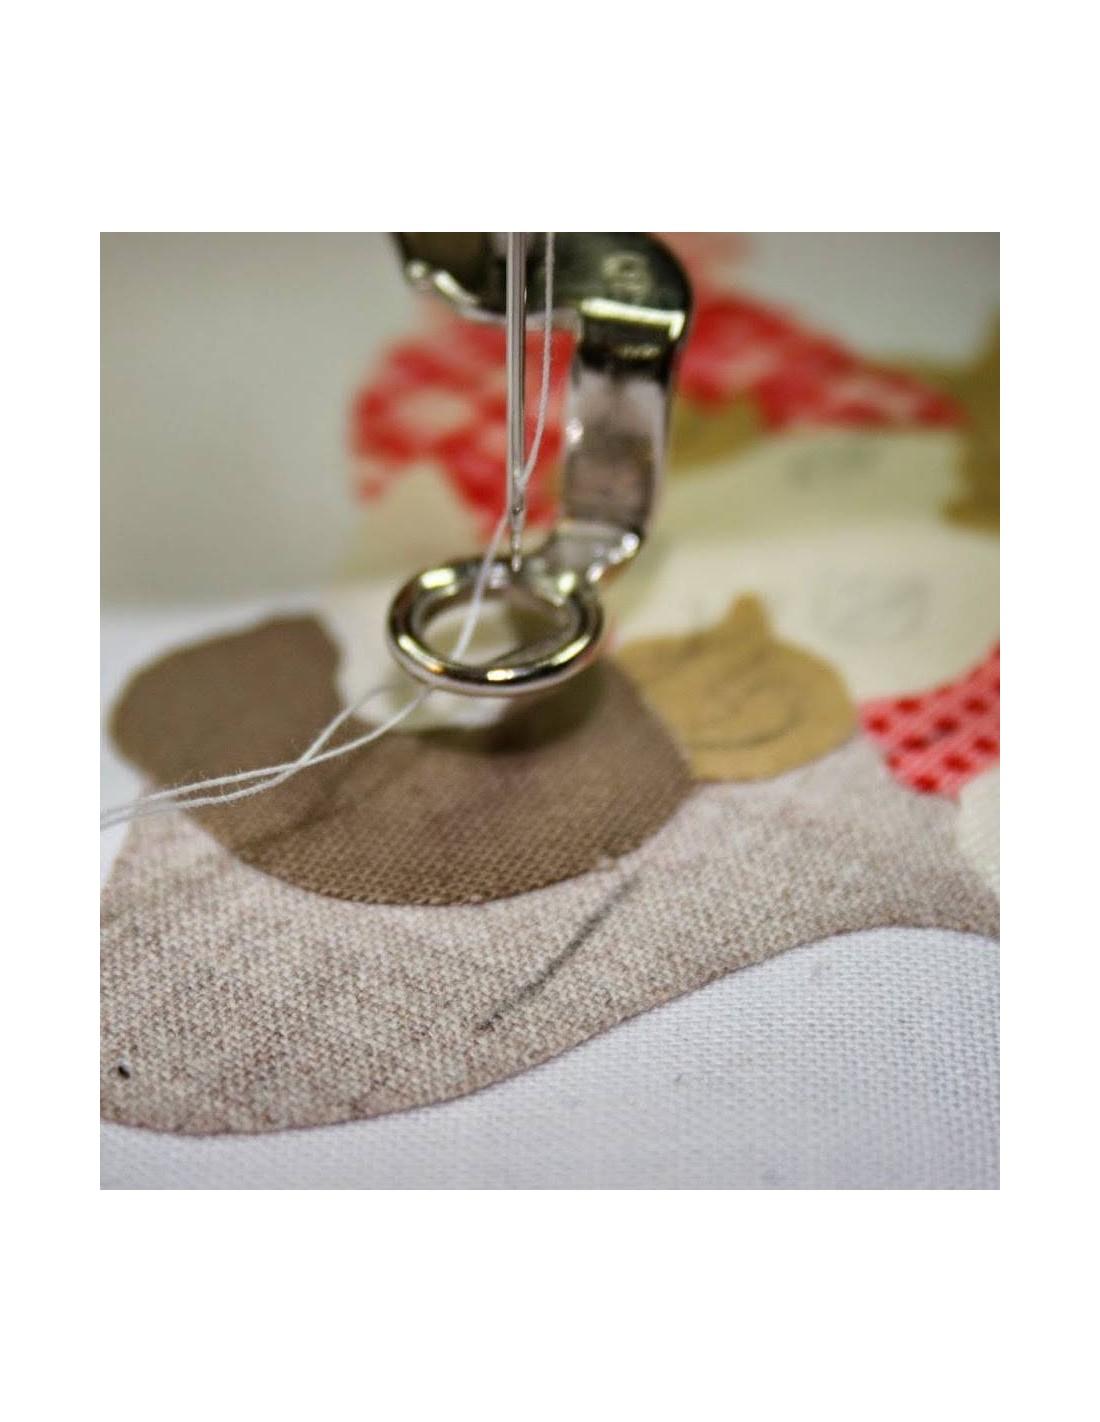 Macchina da cucire come scegliere piedini filo e aghi for Macchina da cucire e ricamo